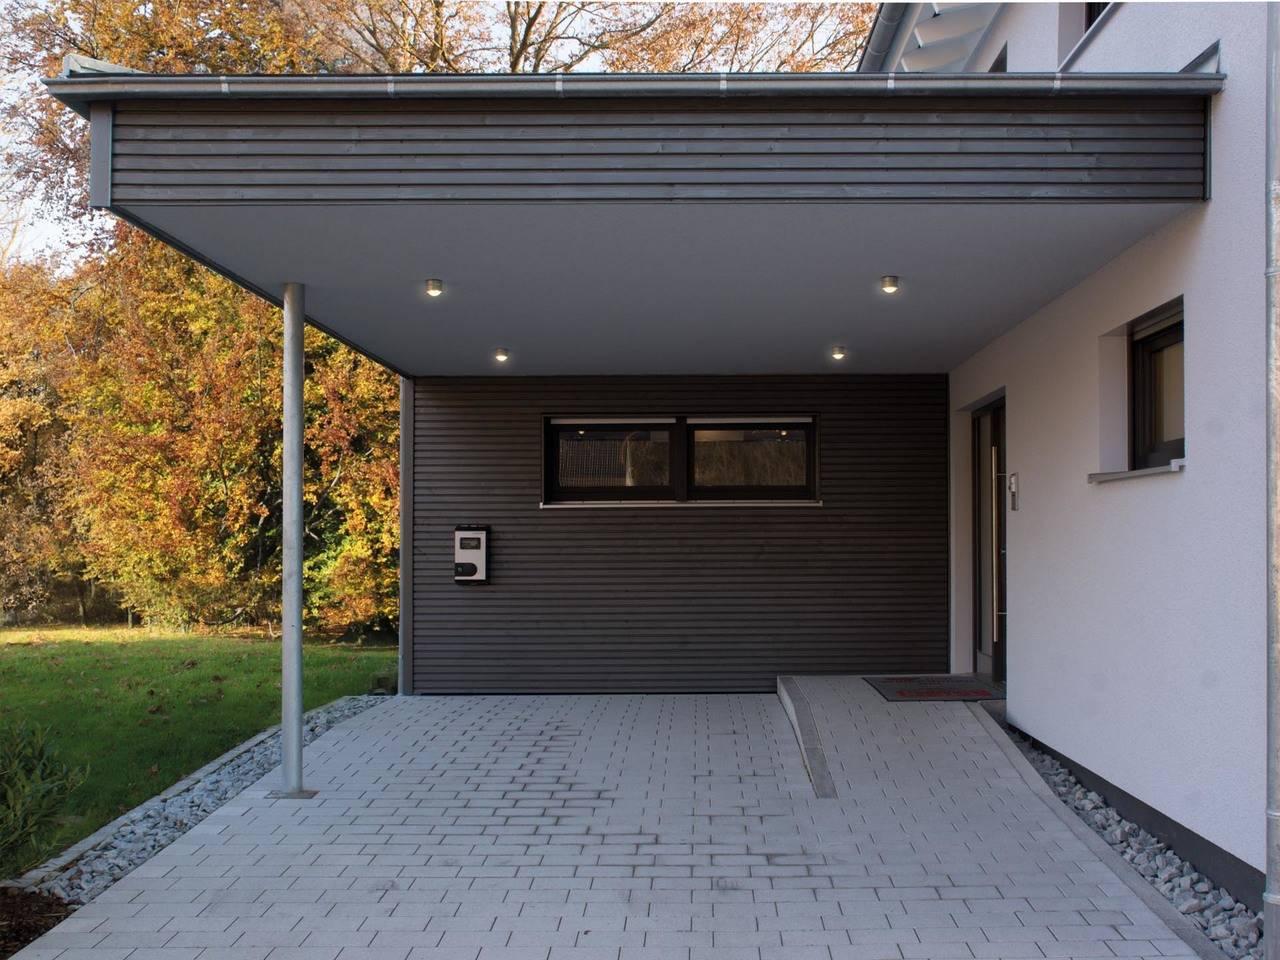 Musterhaus Ulm Fertighaus Weiss Carport